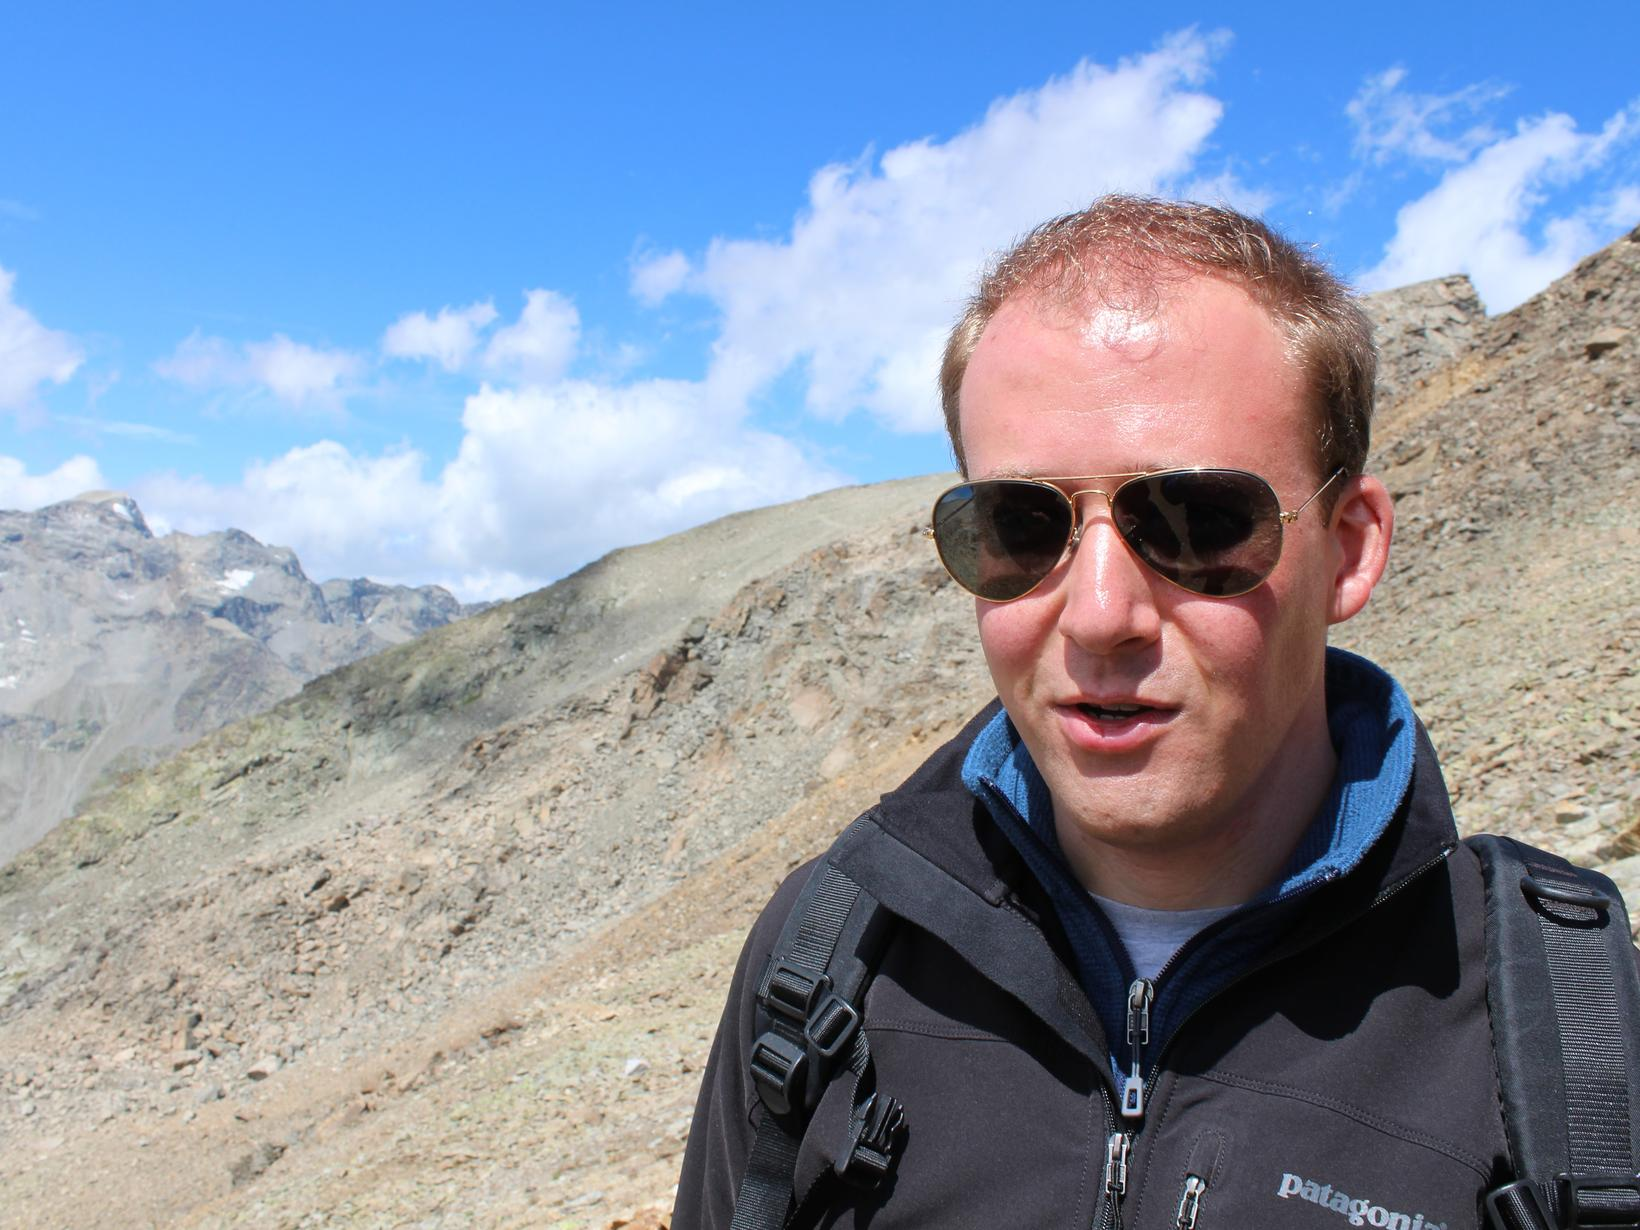 Geert from Sankt Moritz-Bad, Switzerland